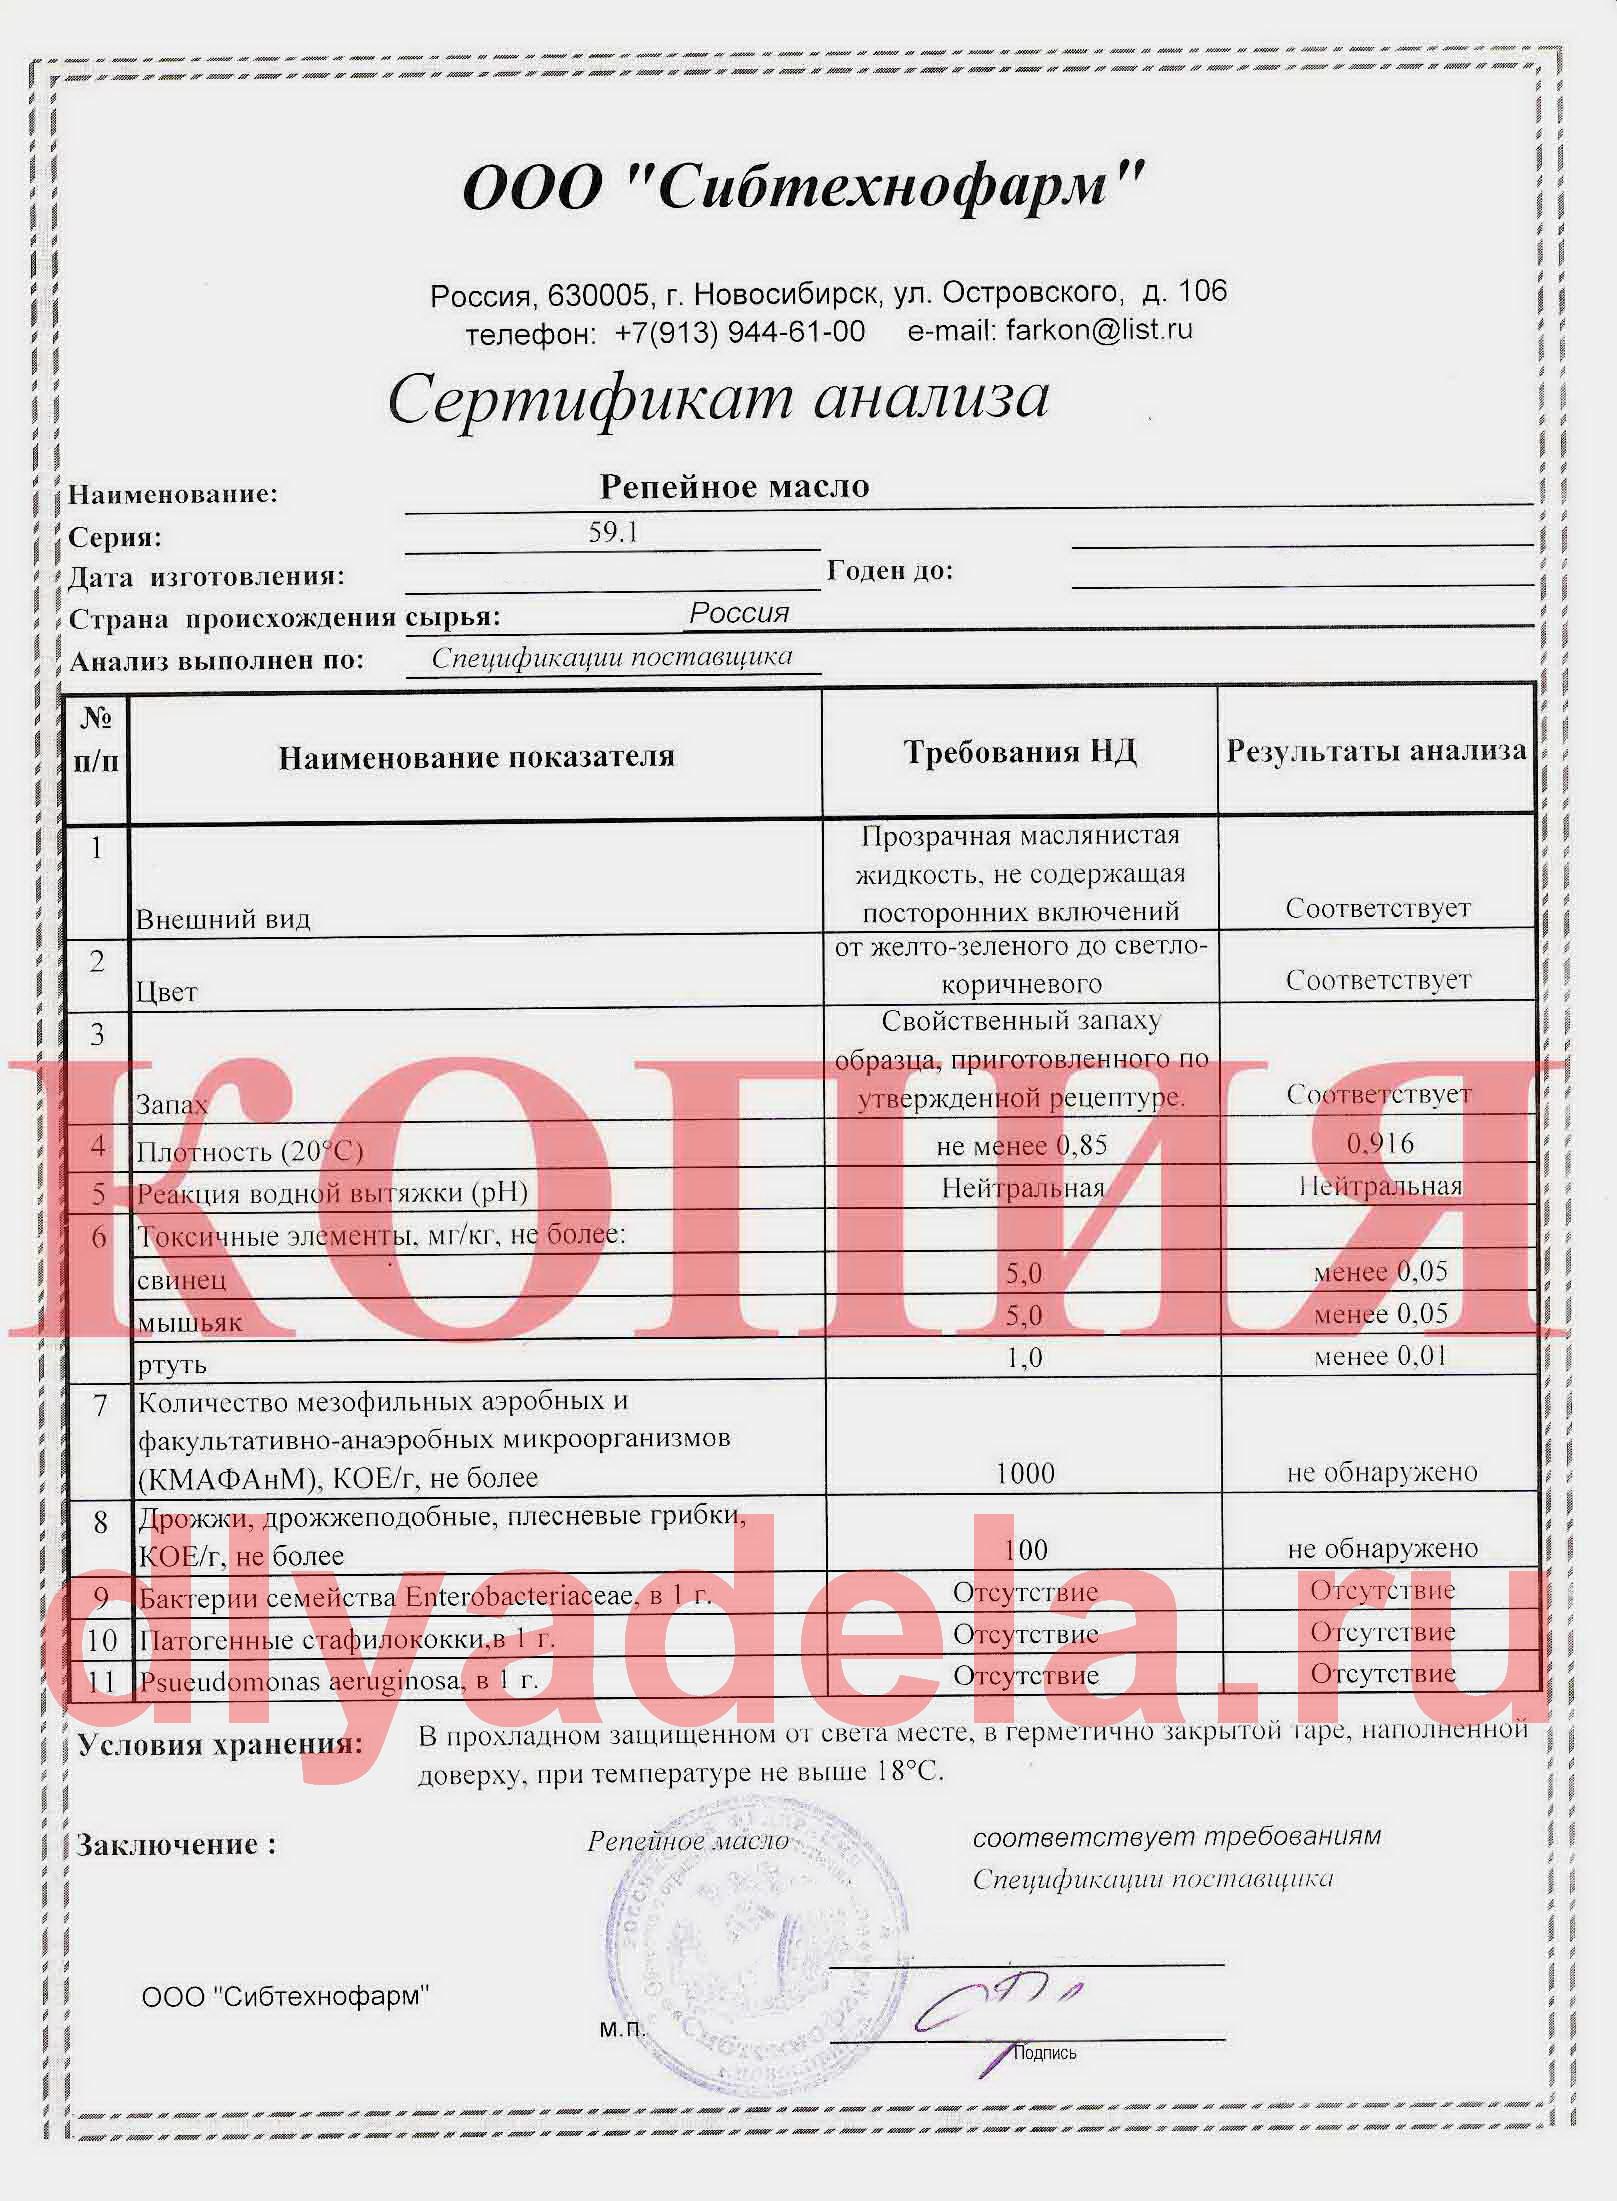 Сертификат репейного масла